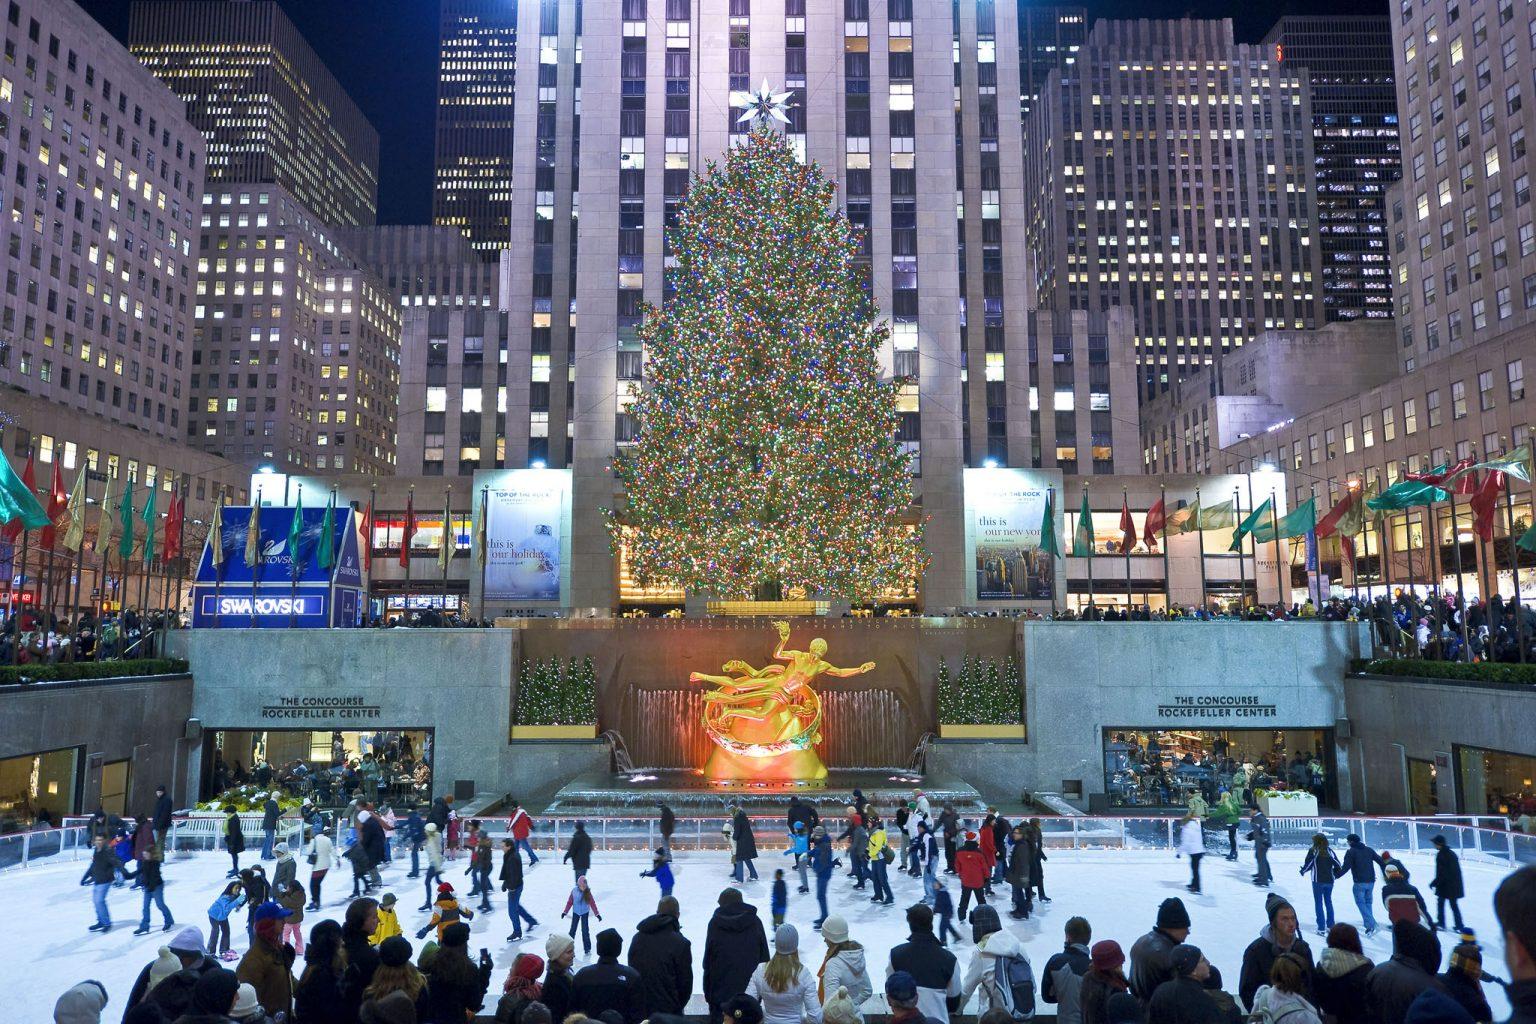 The Rockefeller Center in Manhattan NYC